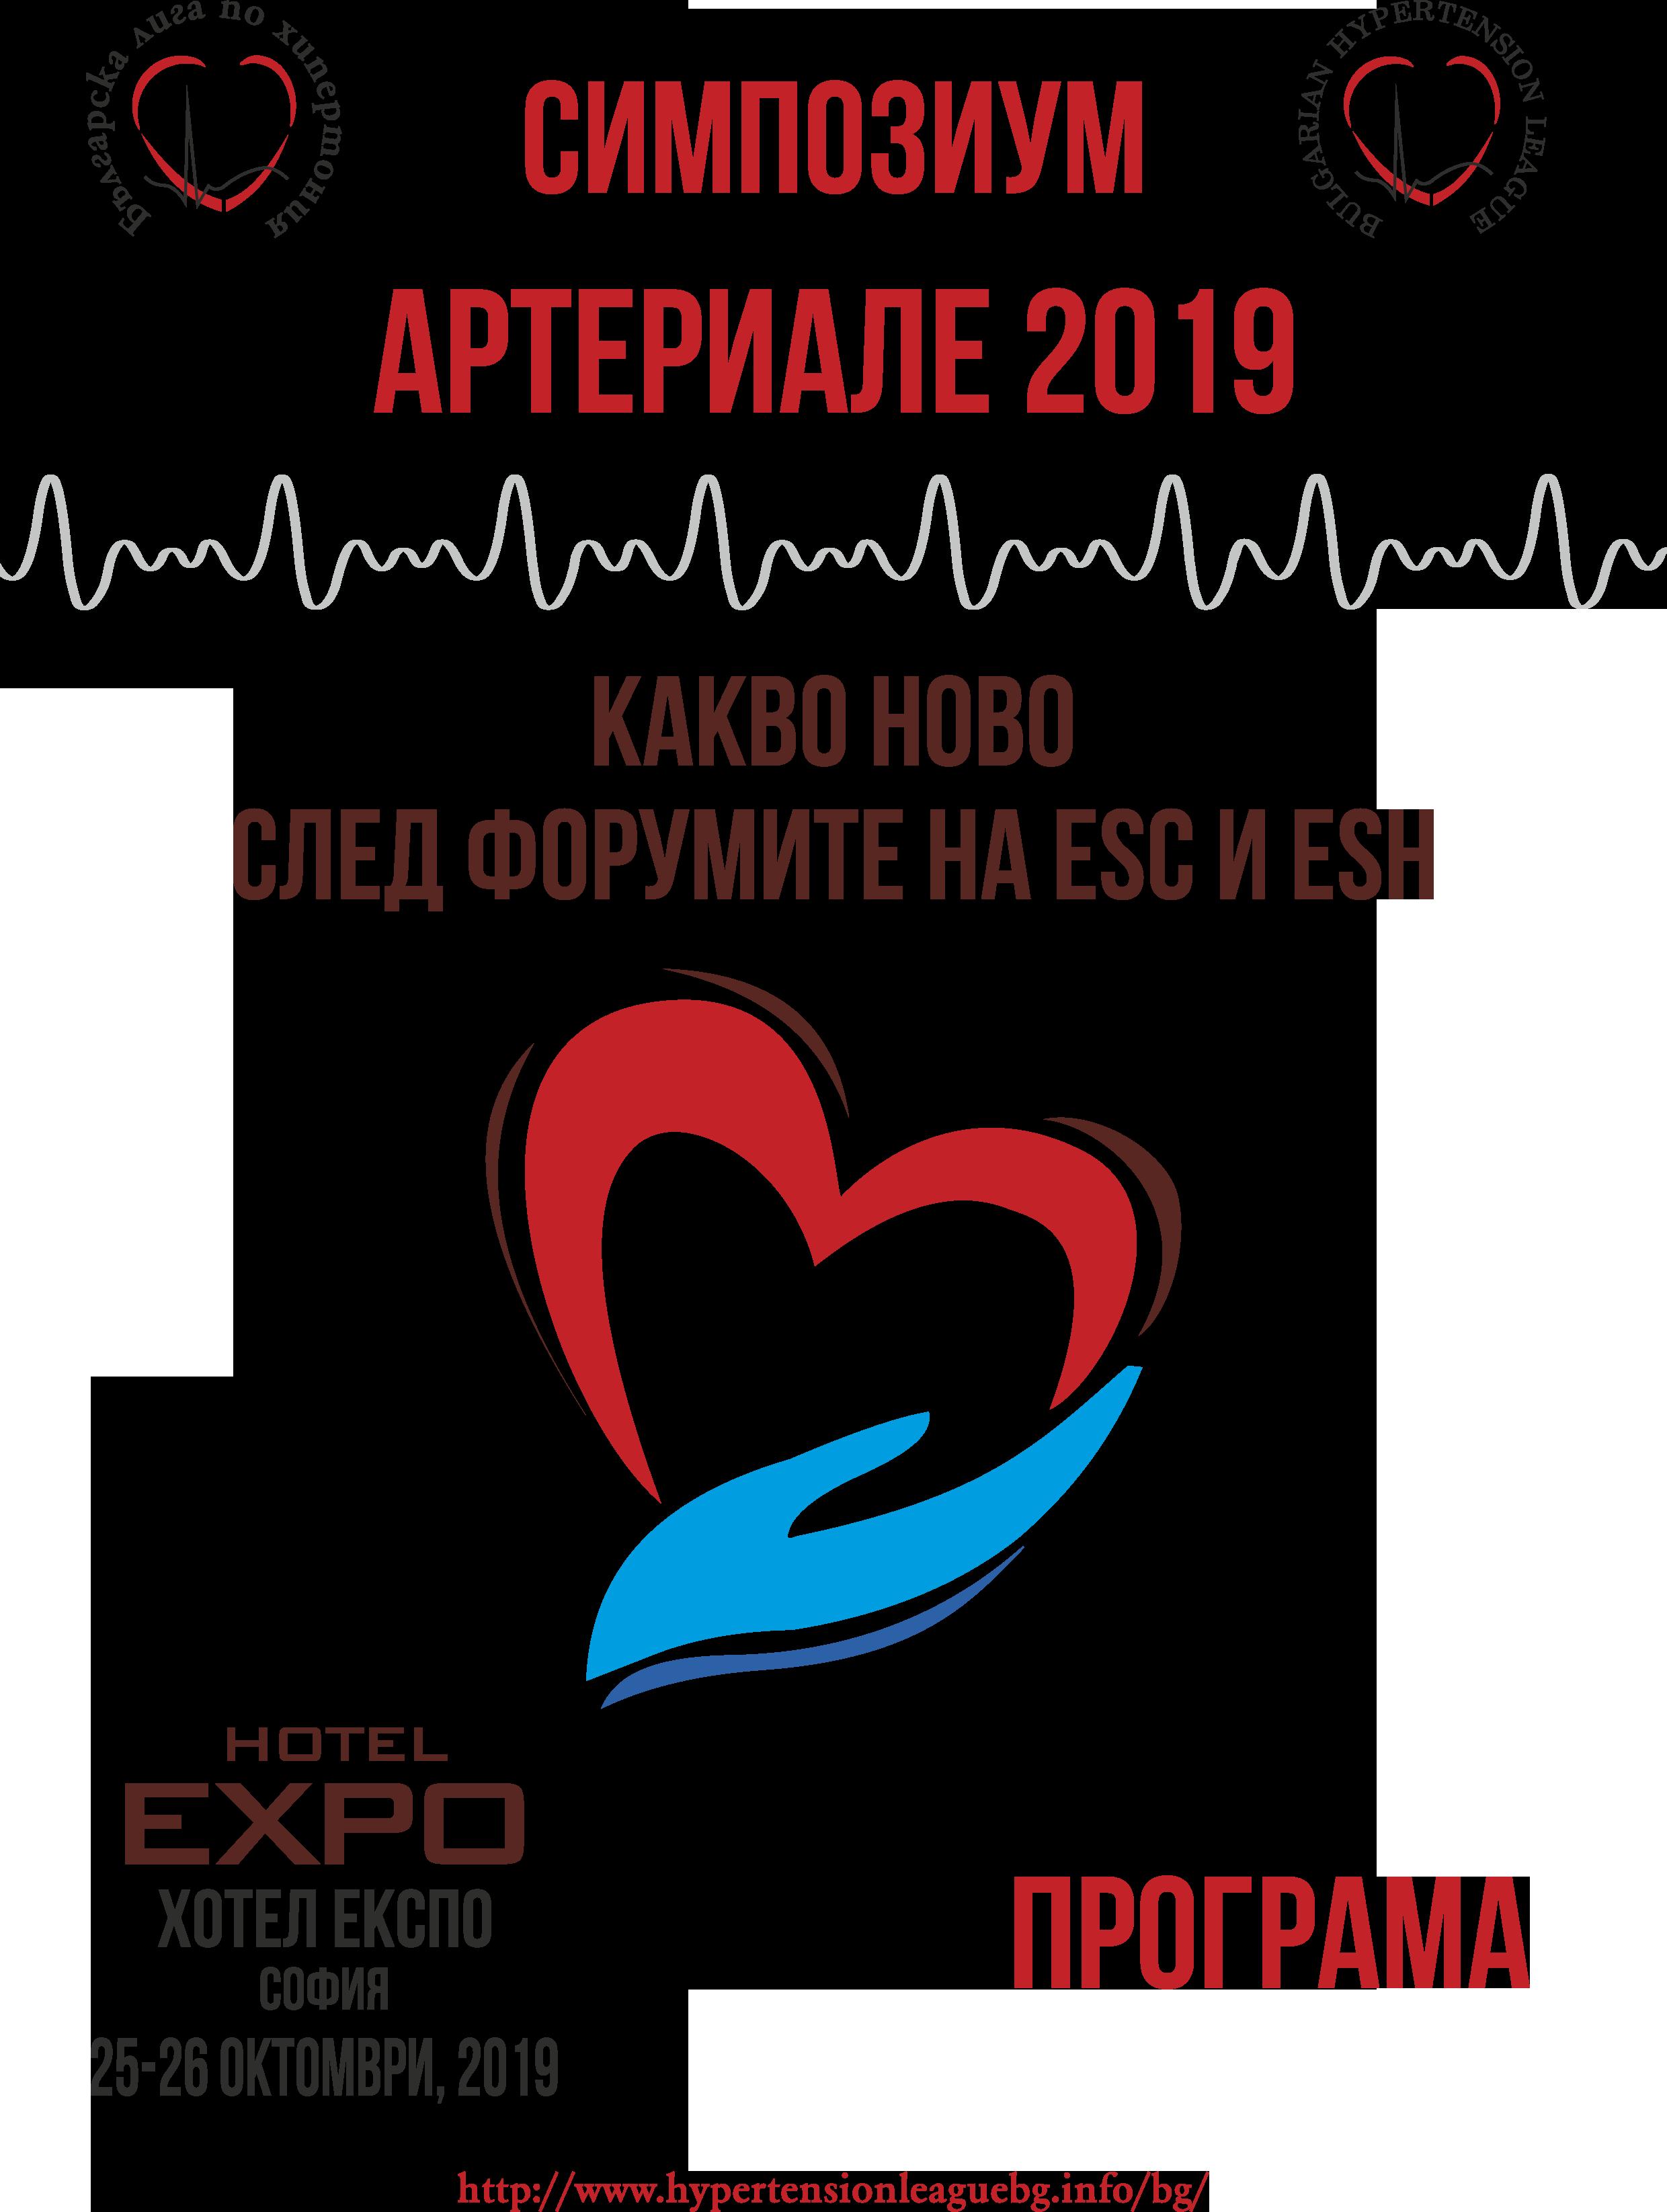 Programa _Arteriale_2019_web1-1